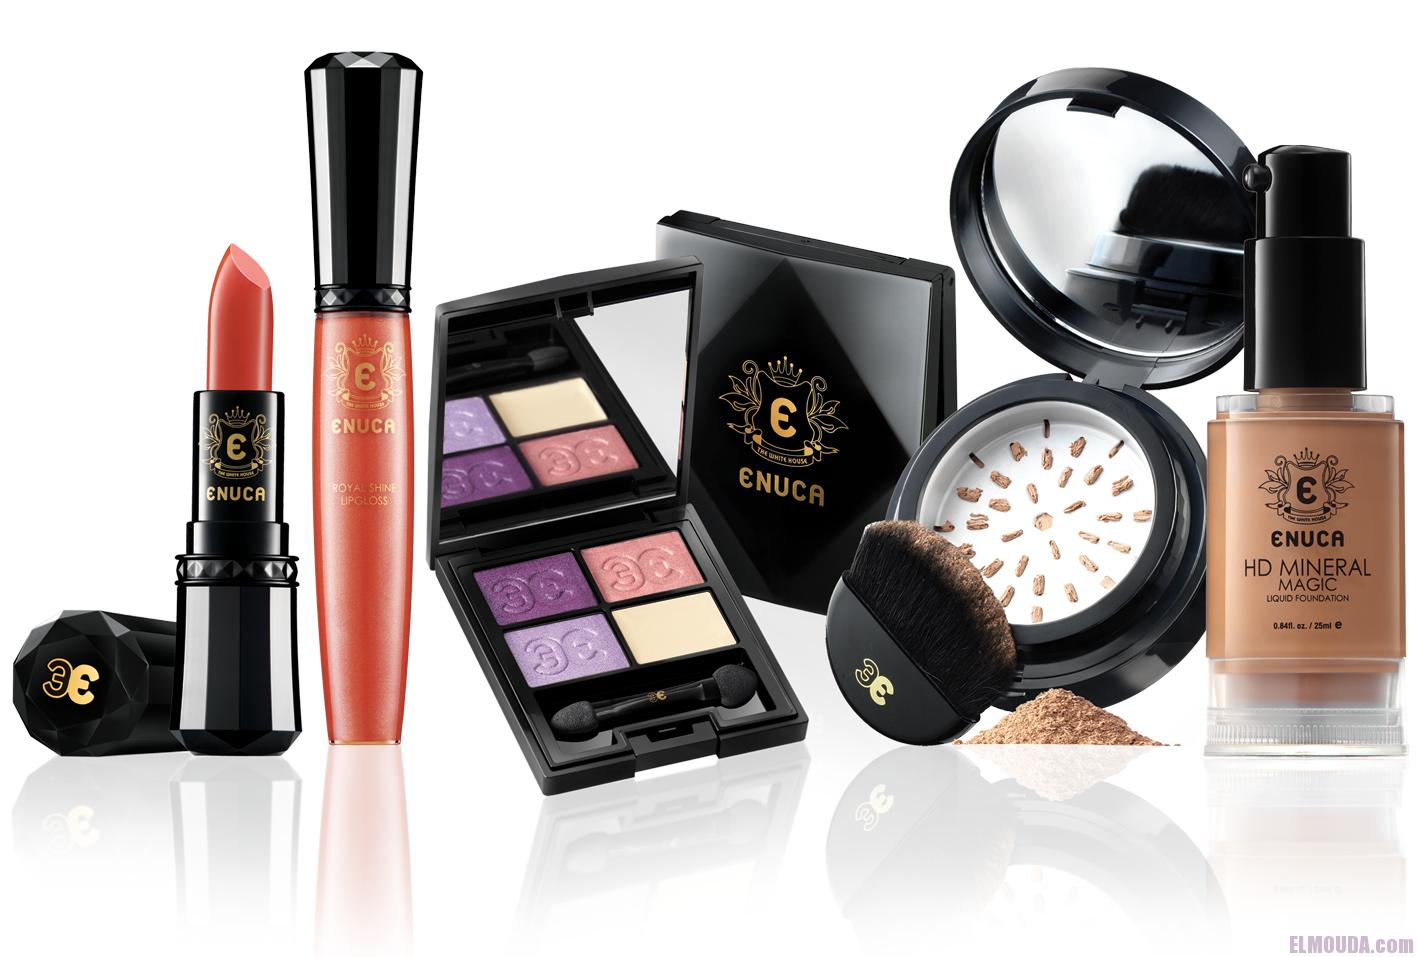 D Fashion Beauty Supply: كم تنفق السعوديات على شراء مستحضرات التجميل؟